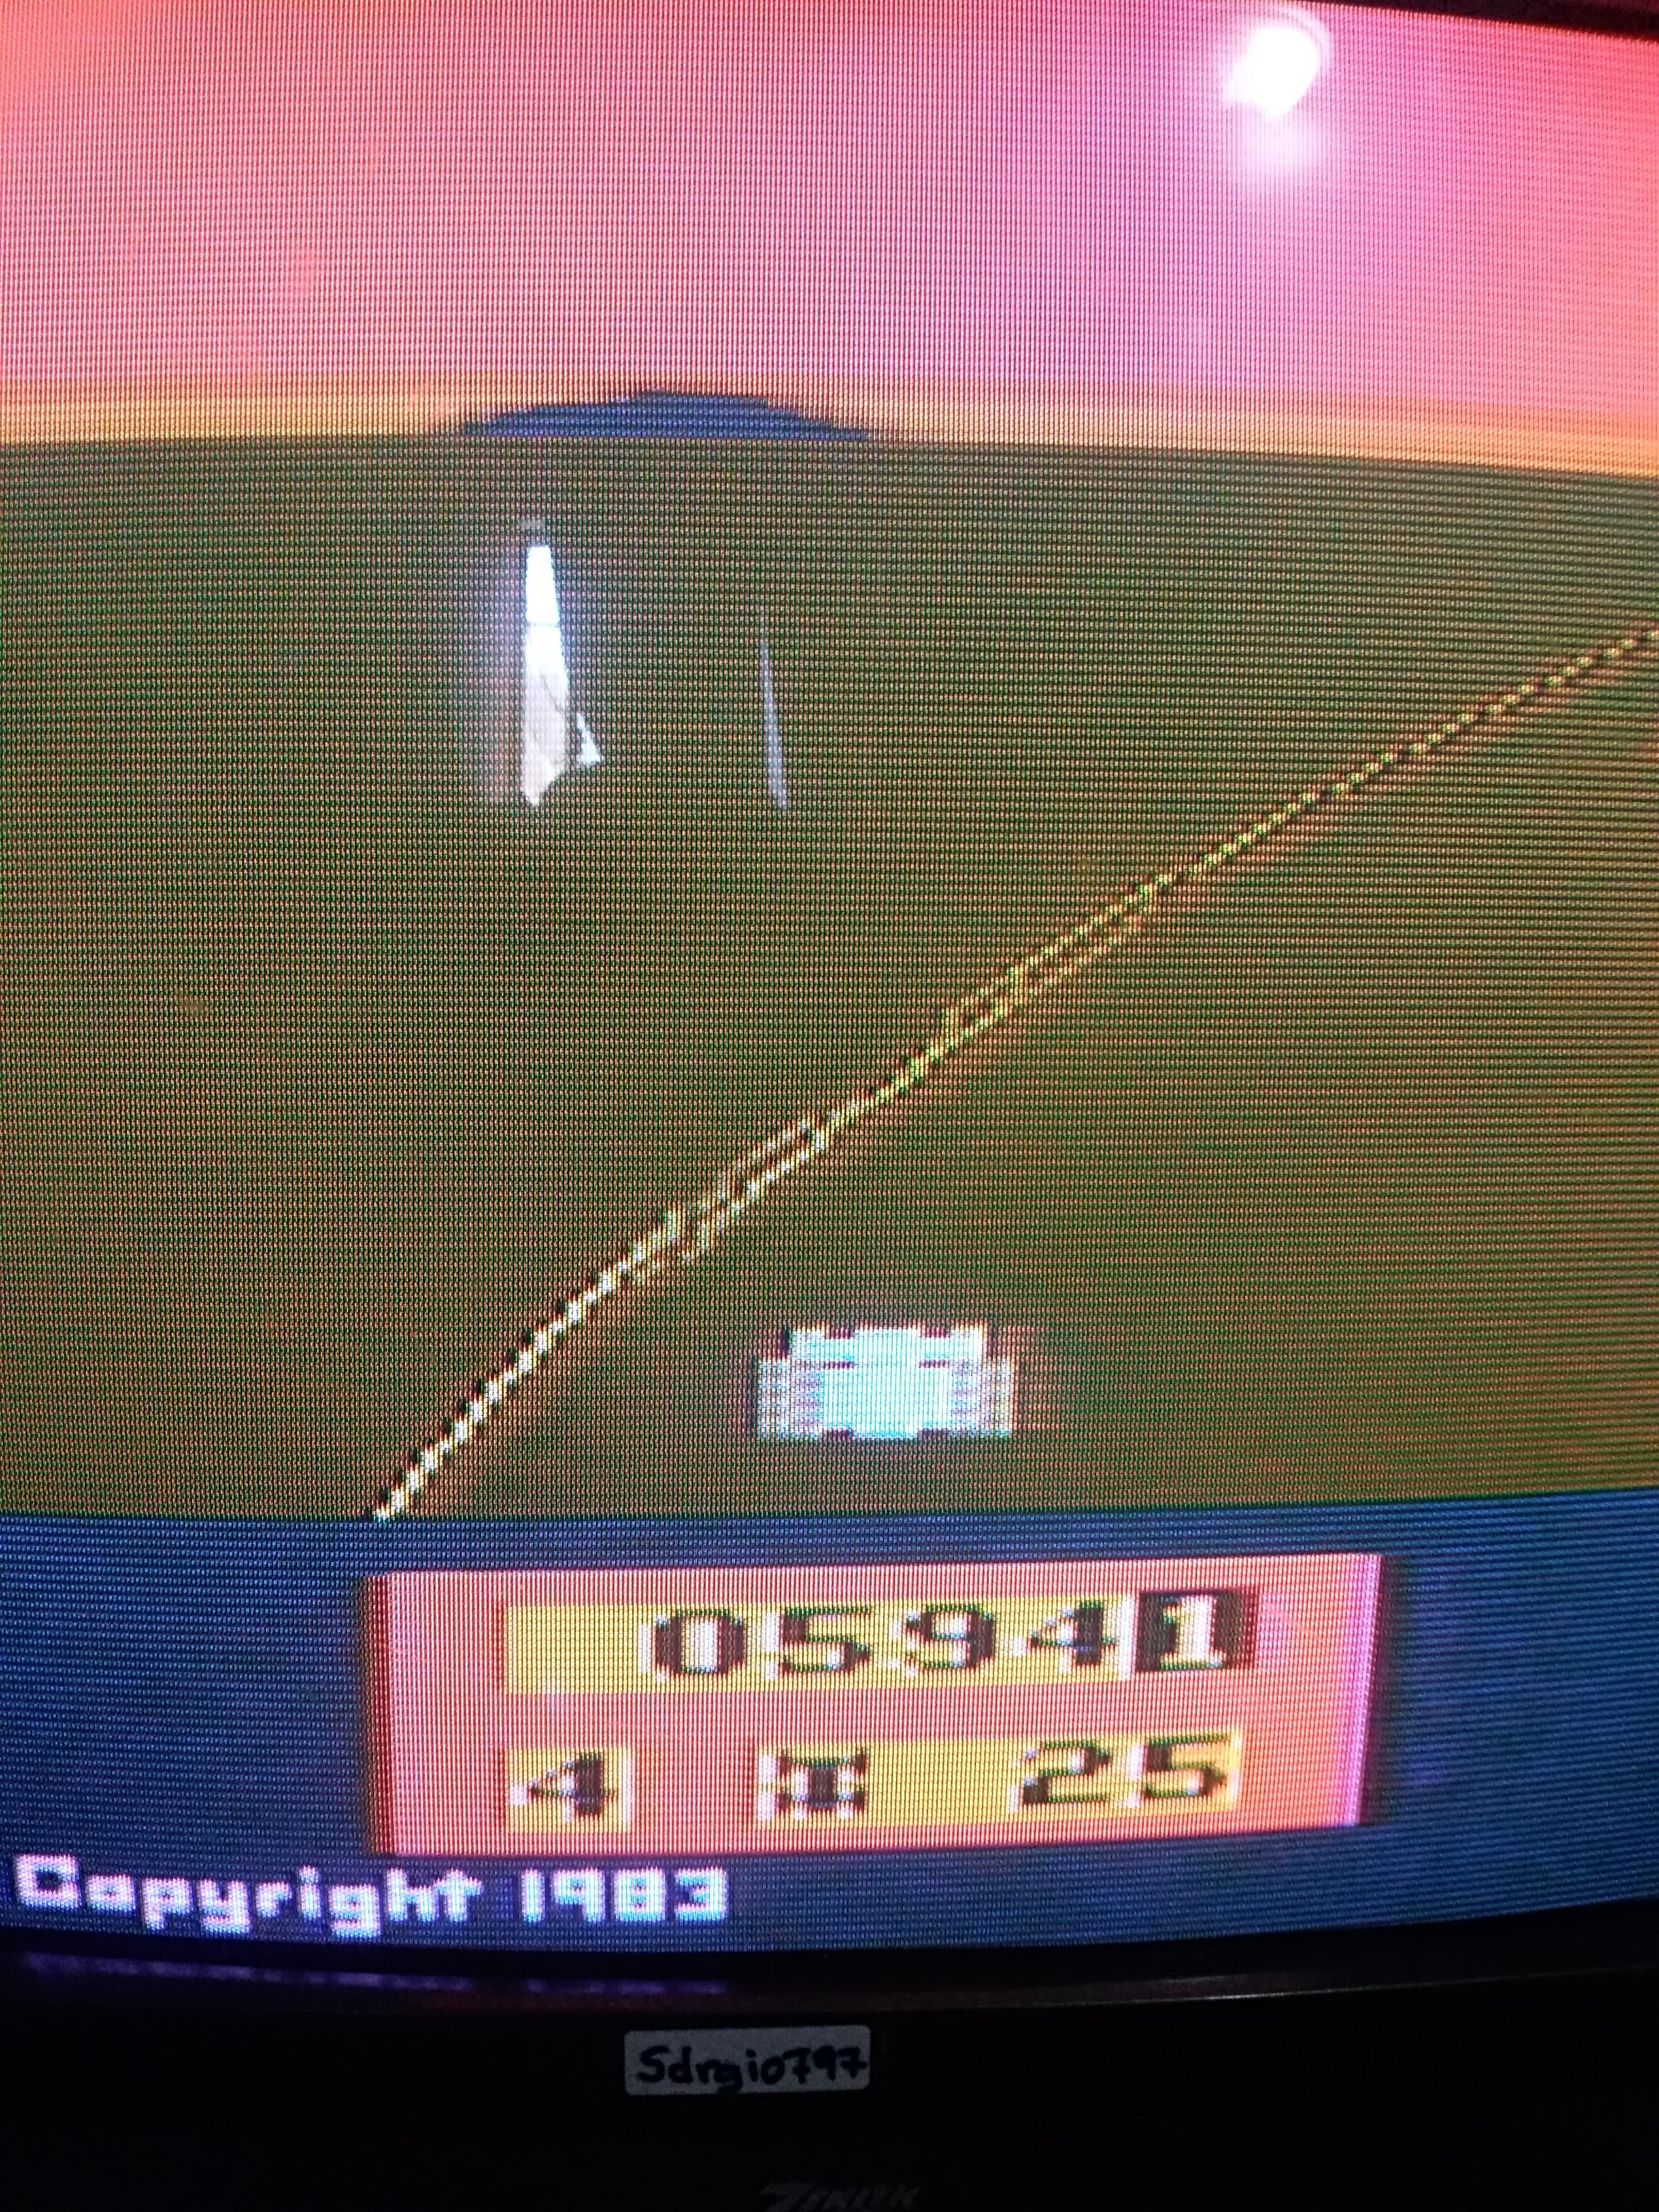 Sdrgio797: Enduro (Atari 2600 Expert/A) 594 points on 2020-06-26 16:00:29